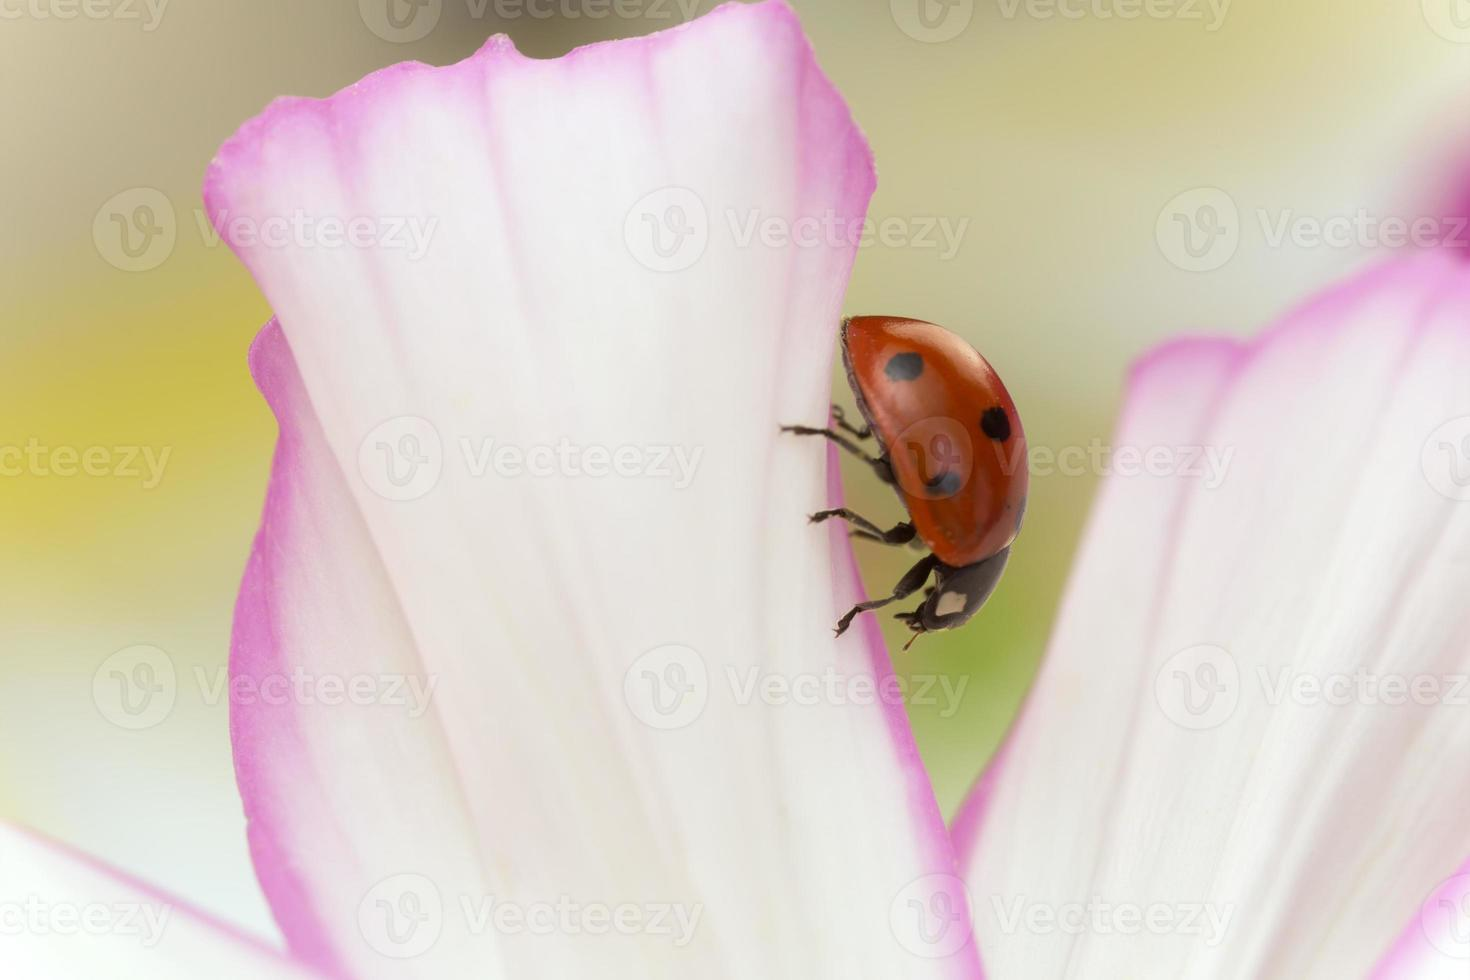 zeven-spot lieveheersbeestje, coccinella septempunctata op tuin kosmos foto